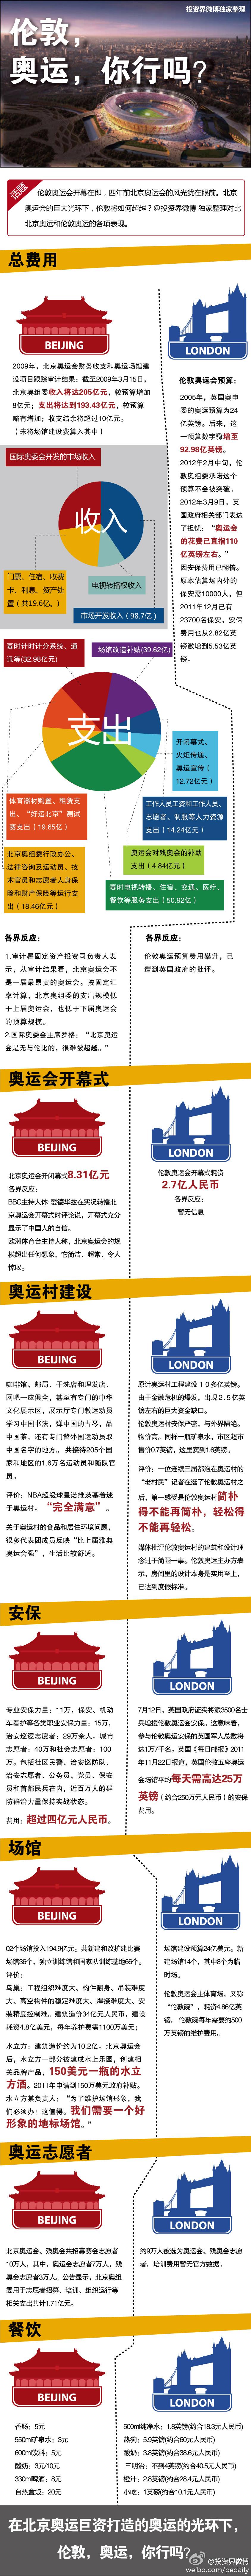 伦敦奥运会,北京奥运会